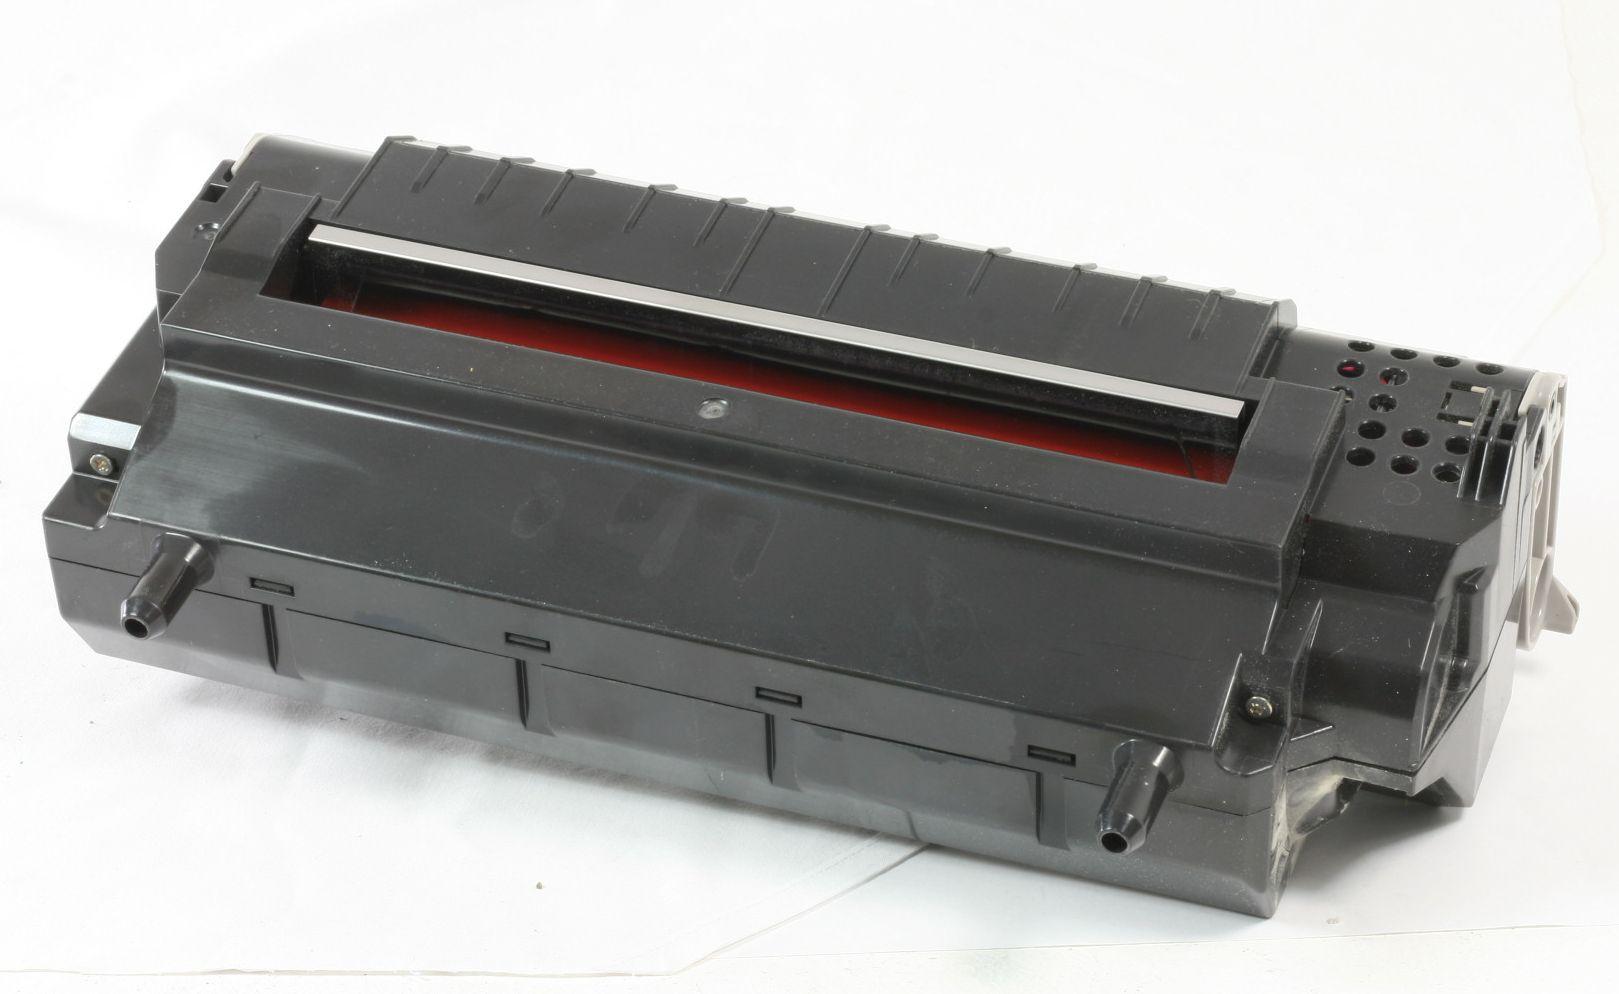 Sharp MX-C32FU1 Fuser Fixiereinheit für MX-C311 DX-C310 DX-C400 MX-B401 gebraucht